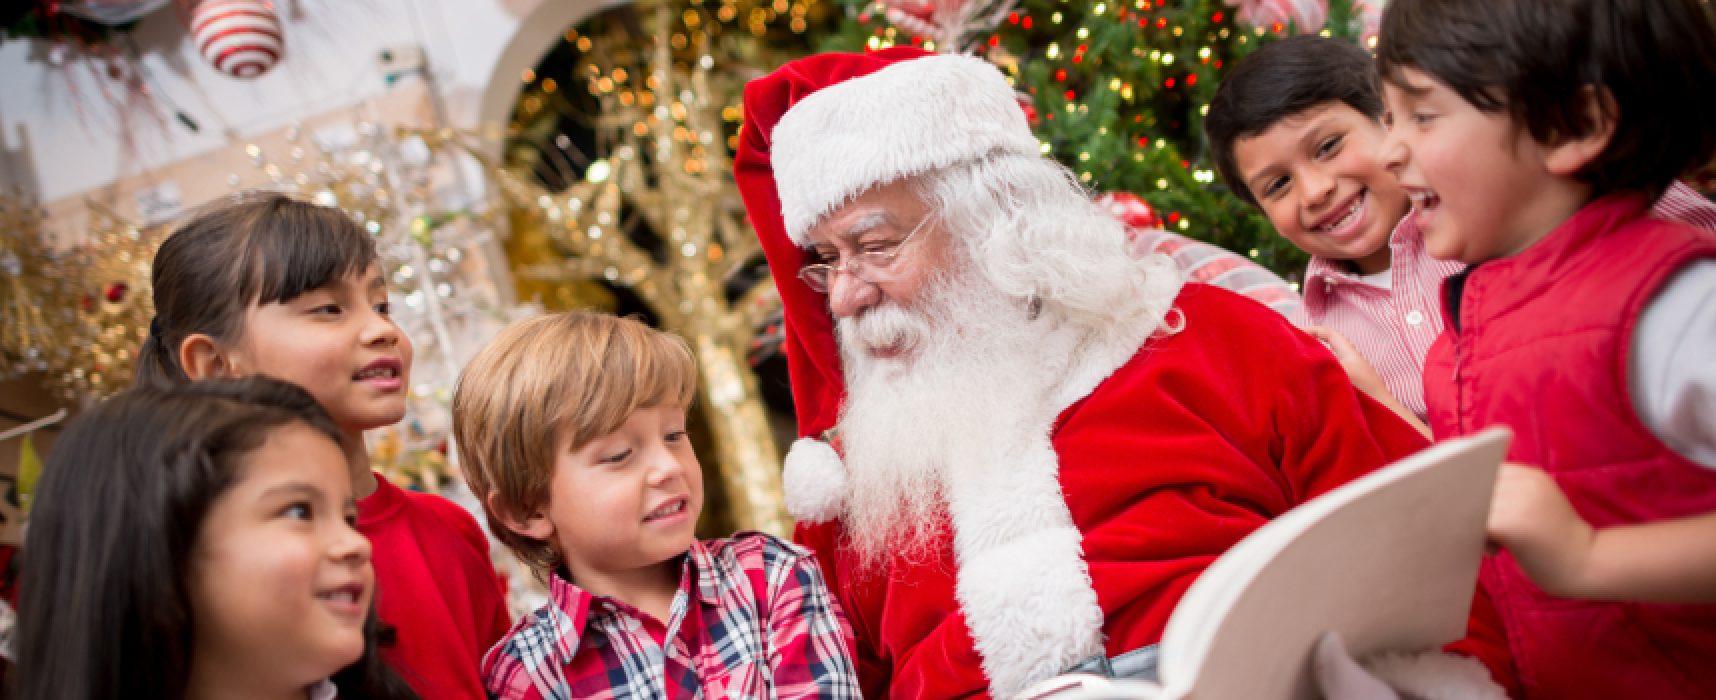 """""""Natale in sanitaria"""", Babbo Natale incontra i bambini"""